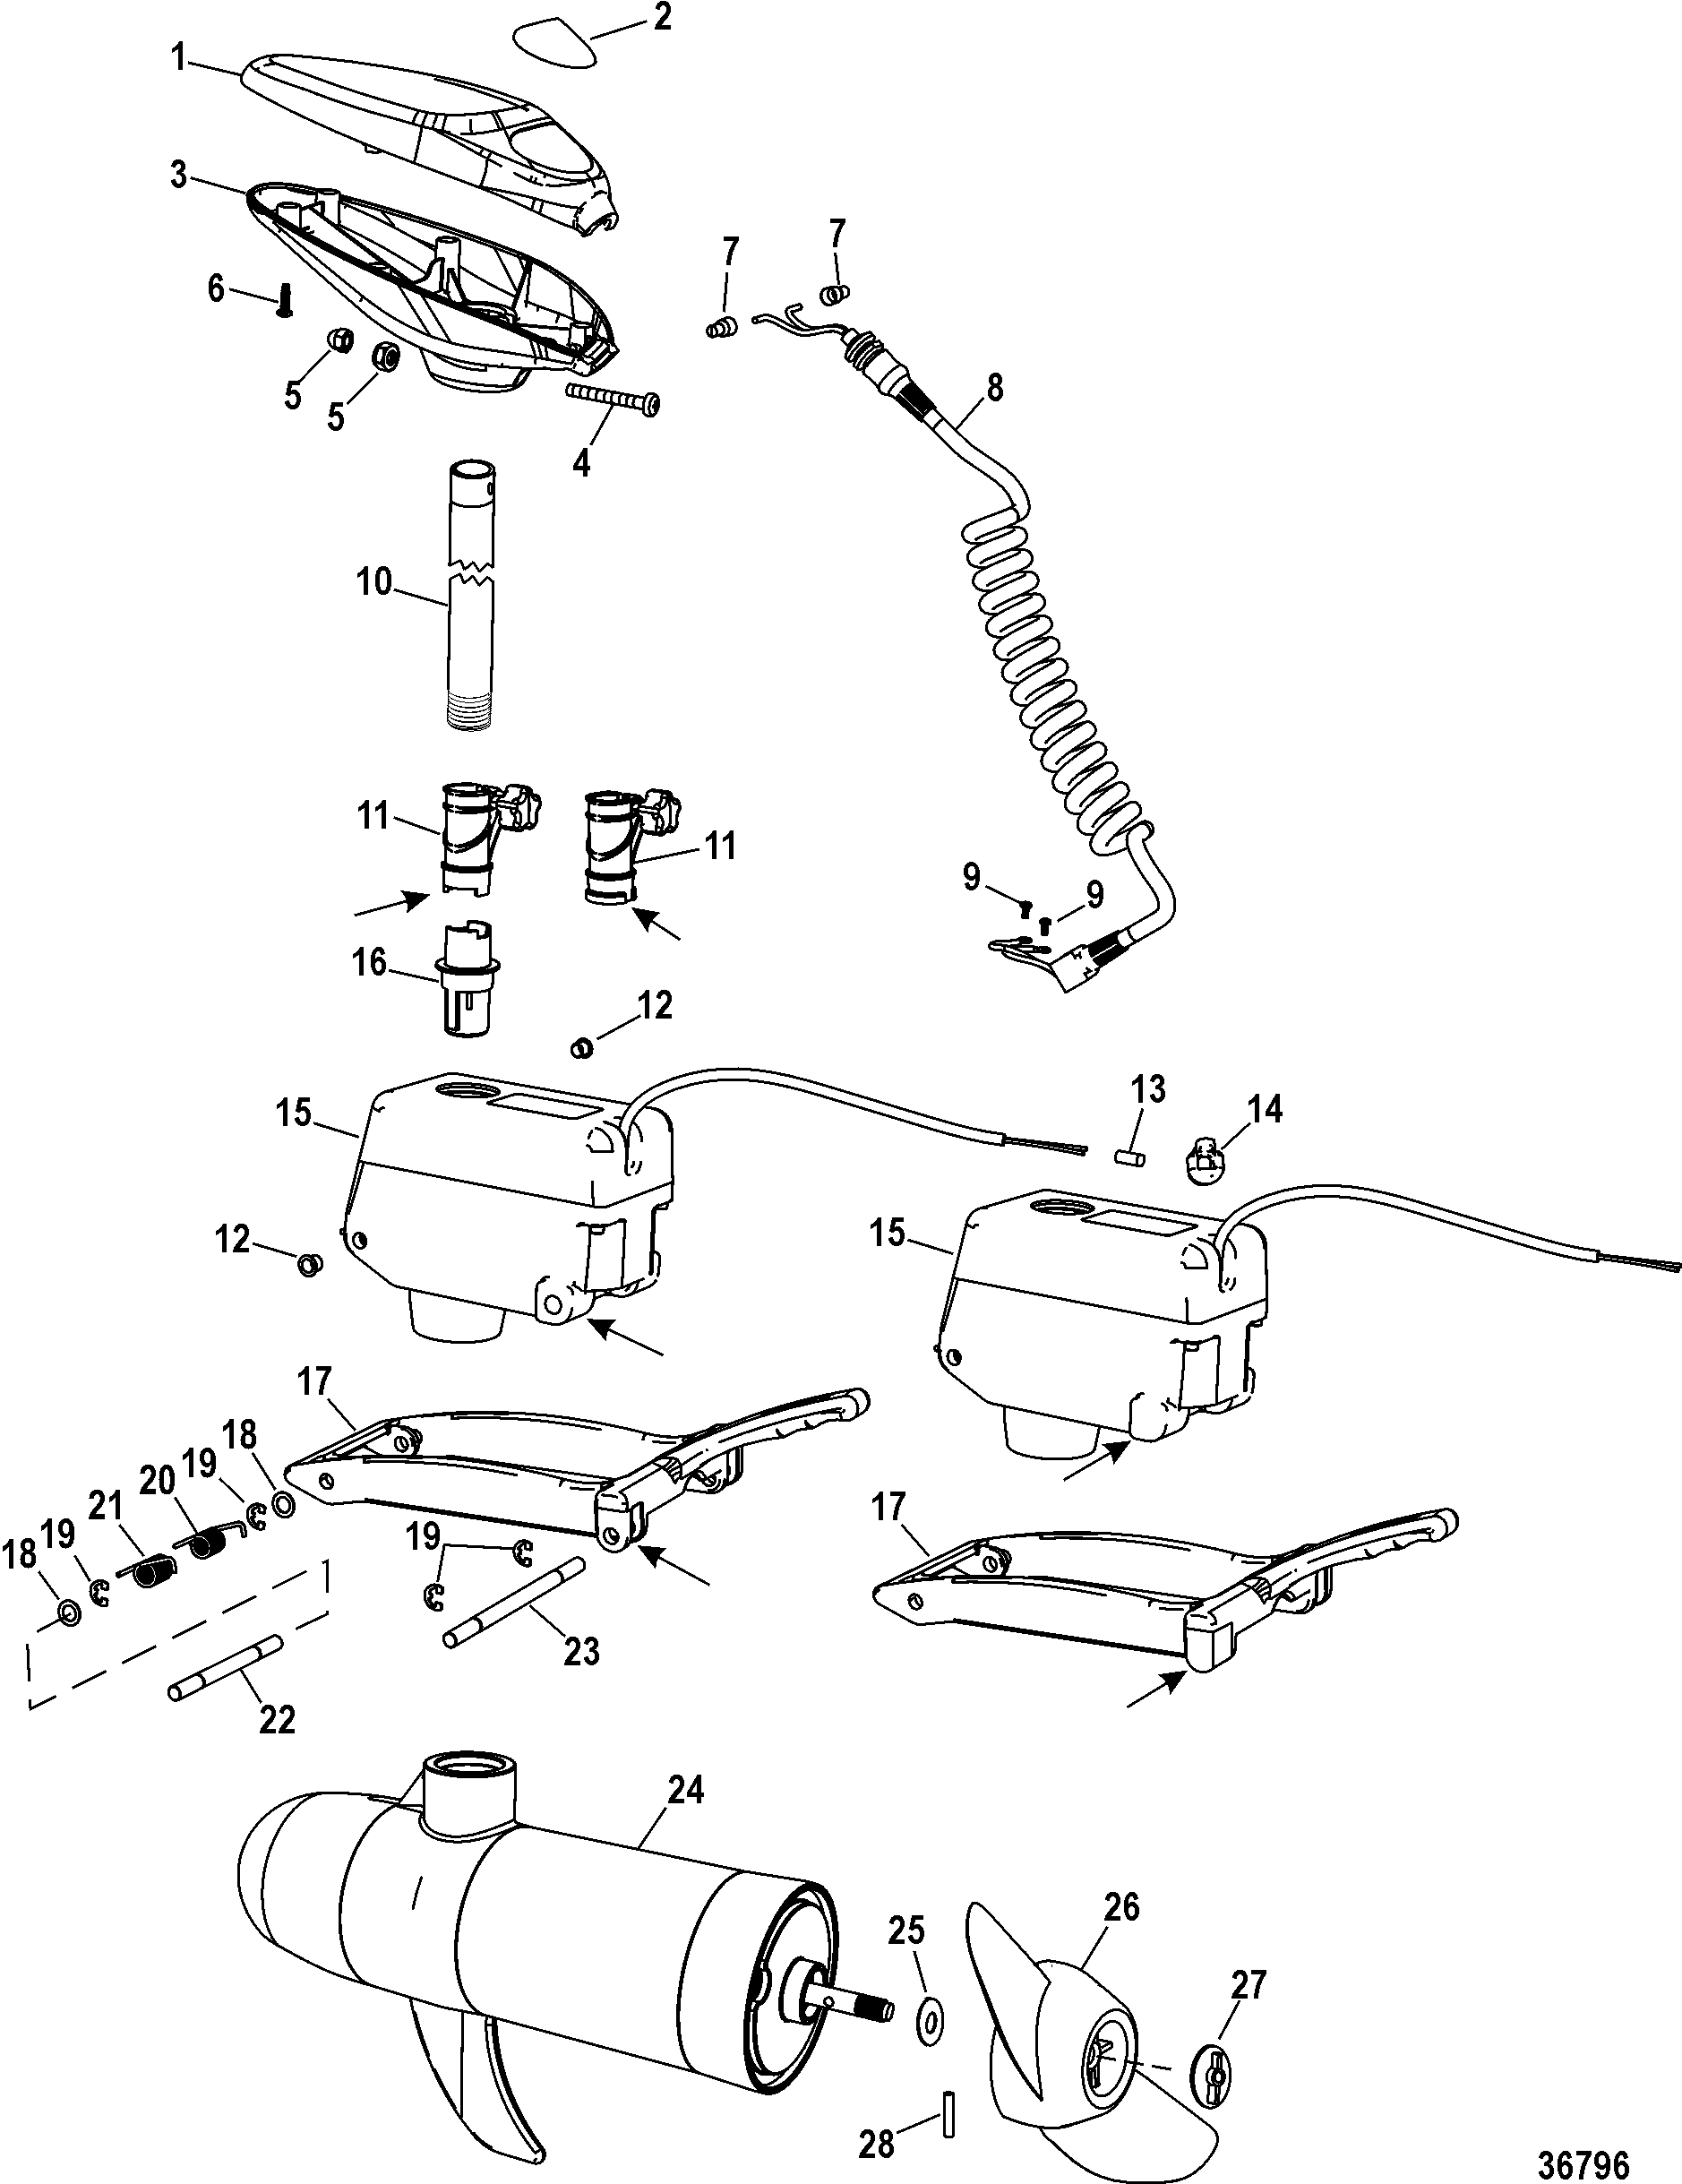 Complete Trolling Motor Brute 50/70 Wireless 12/24 Volt